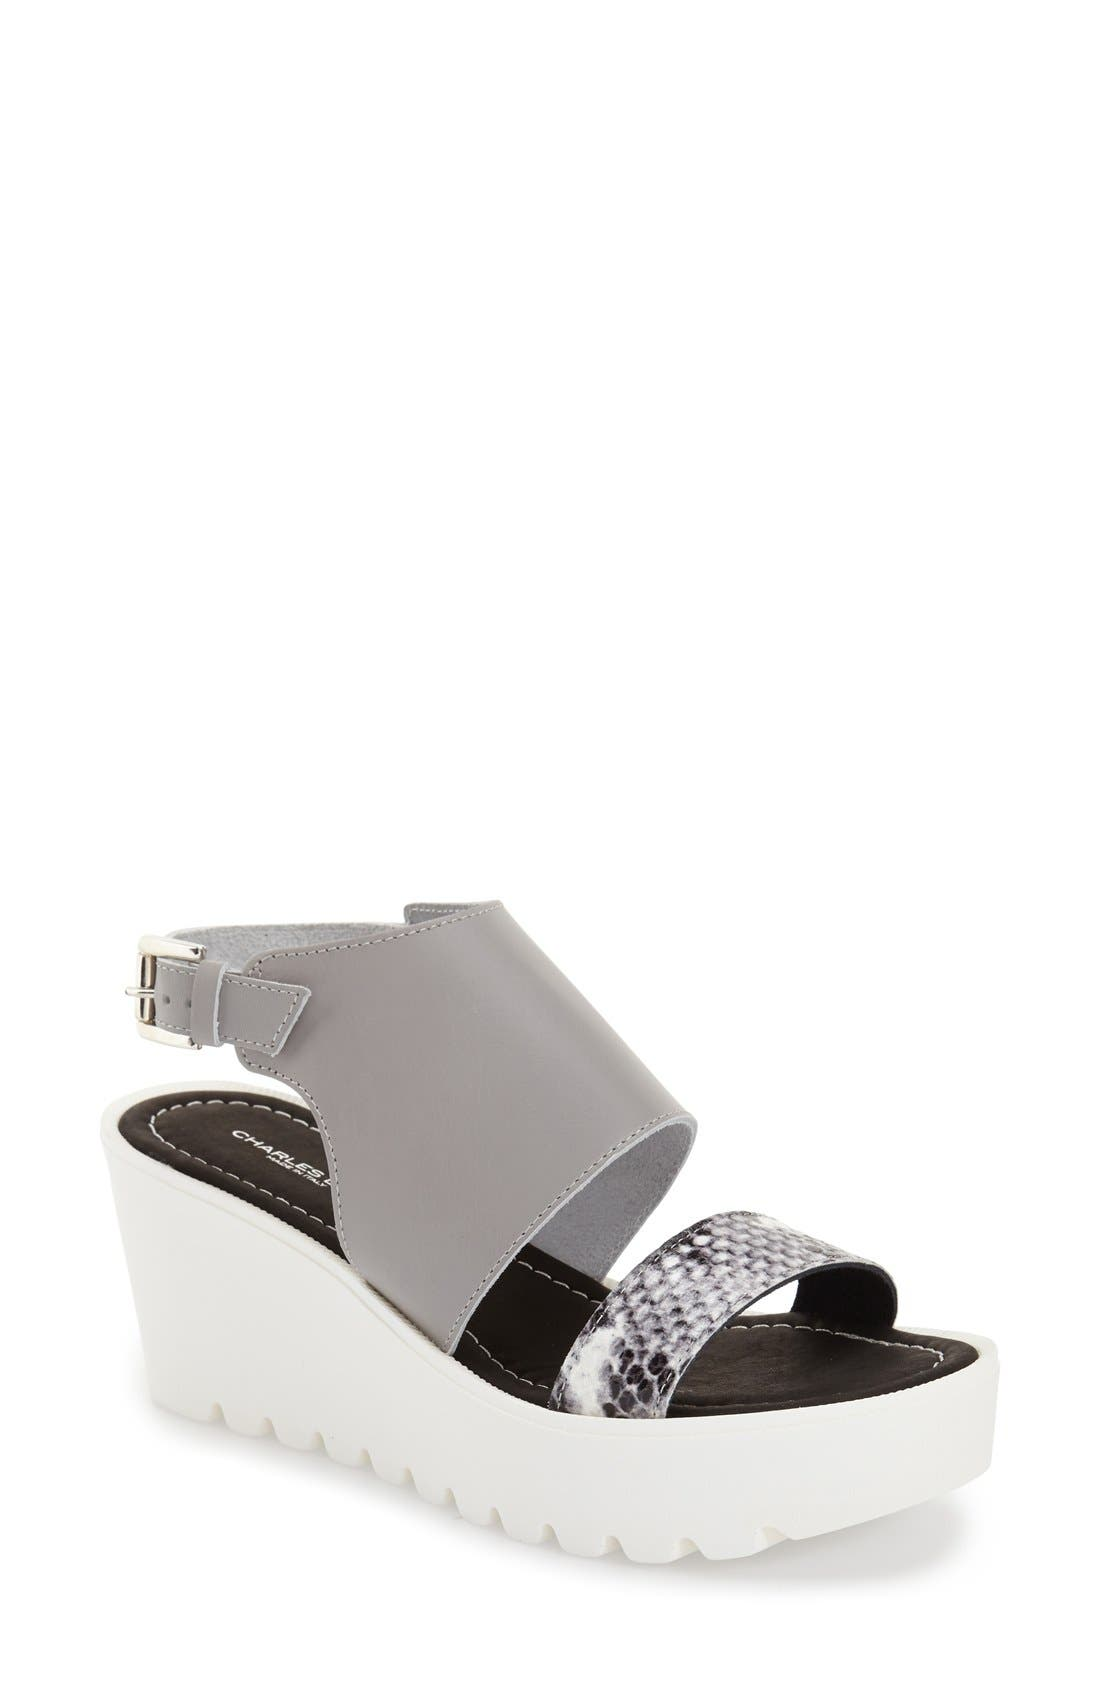 Alternate Image 1 Selected - Charles David 'Apria' Wedge Sandal (Women)